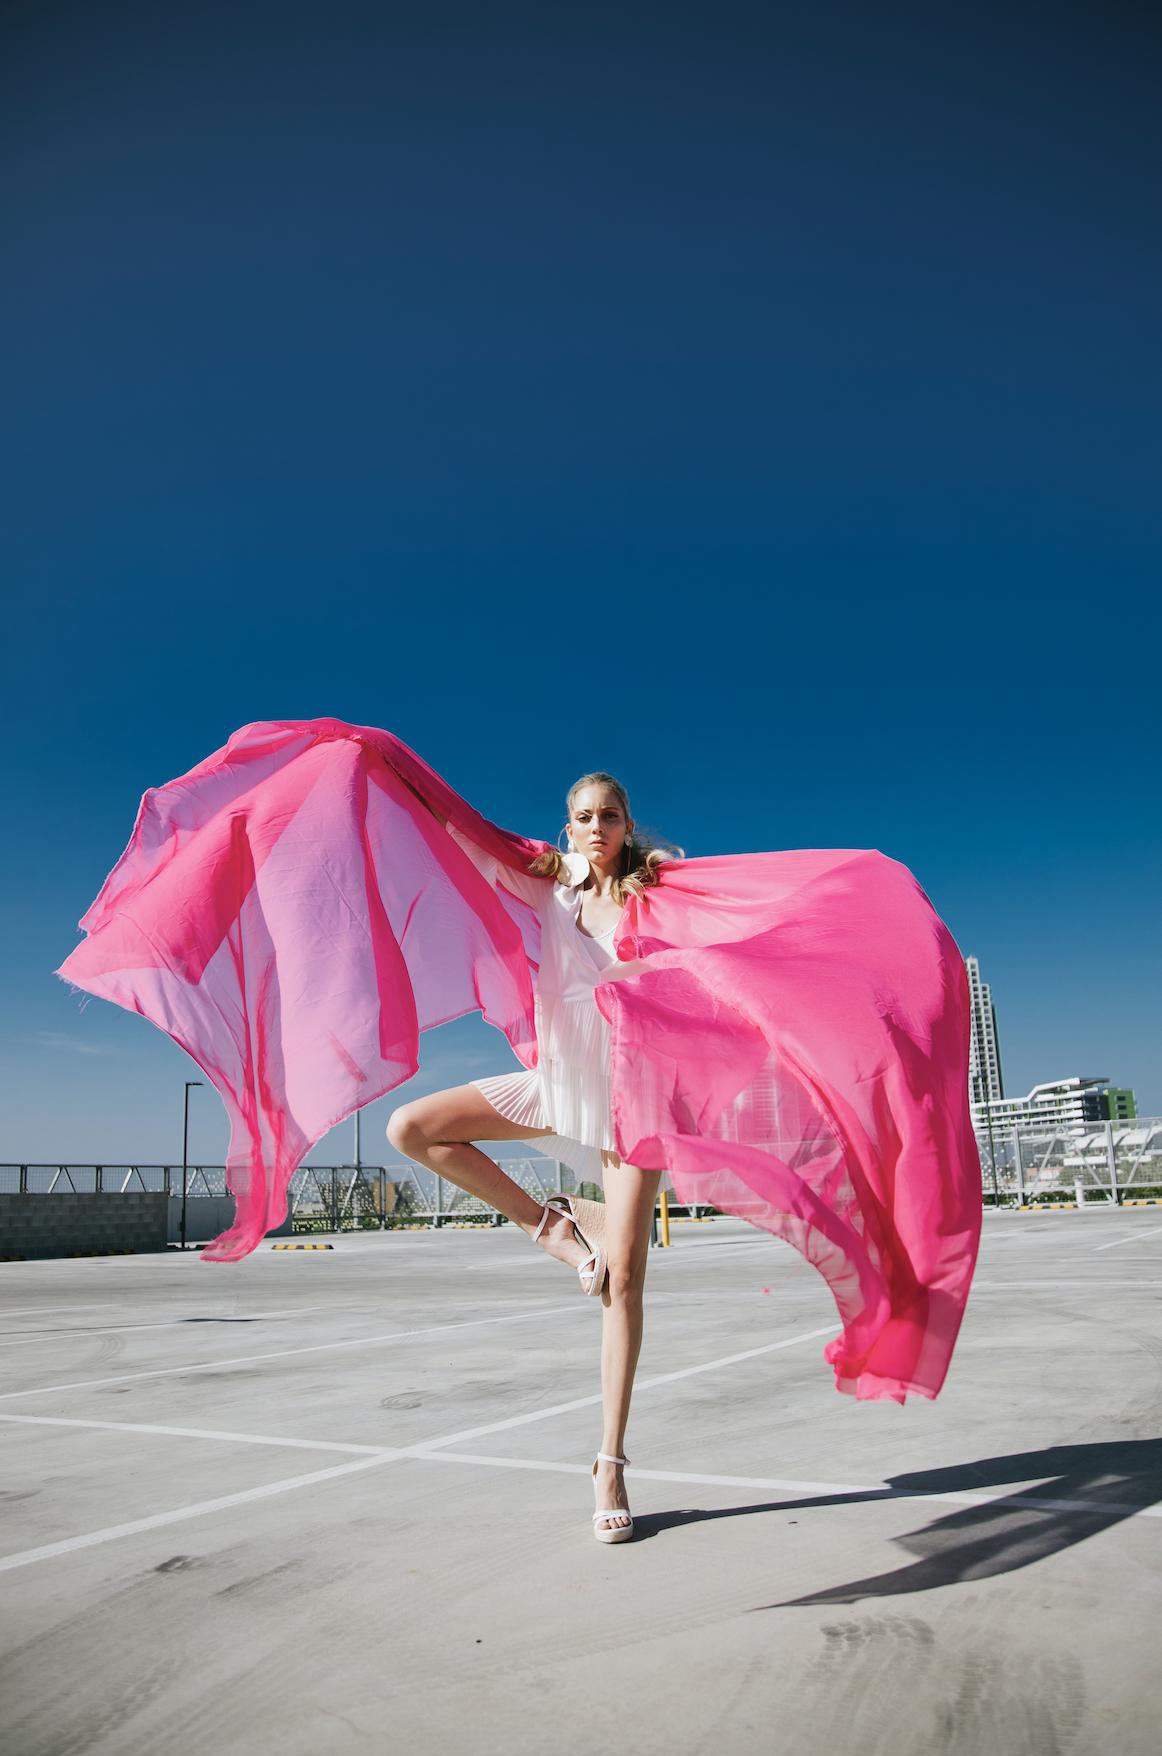 Kerrie Carucci Stylist